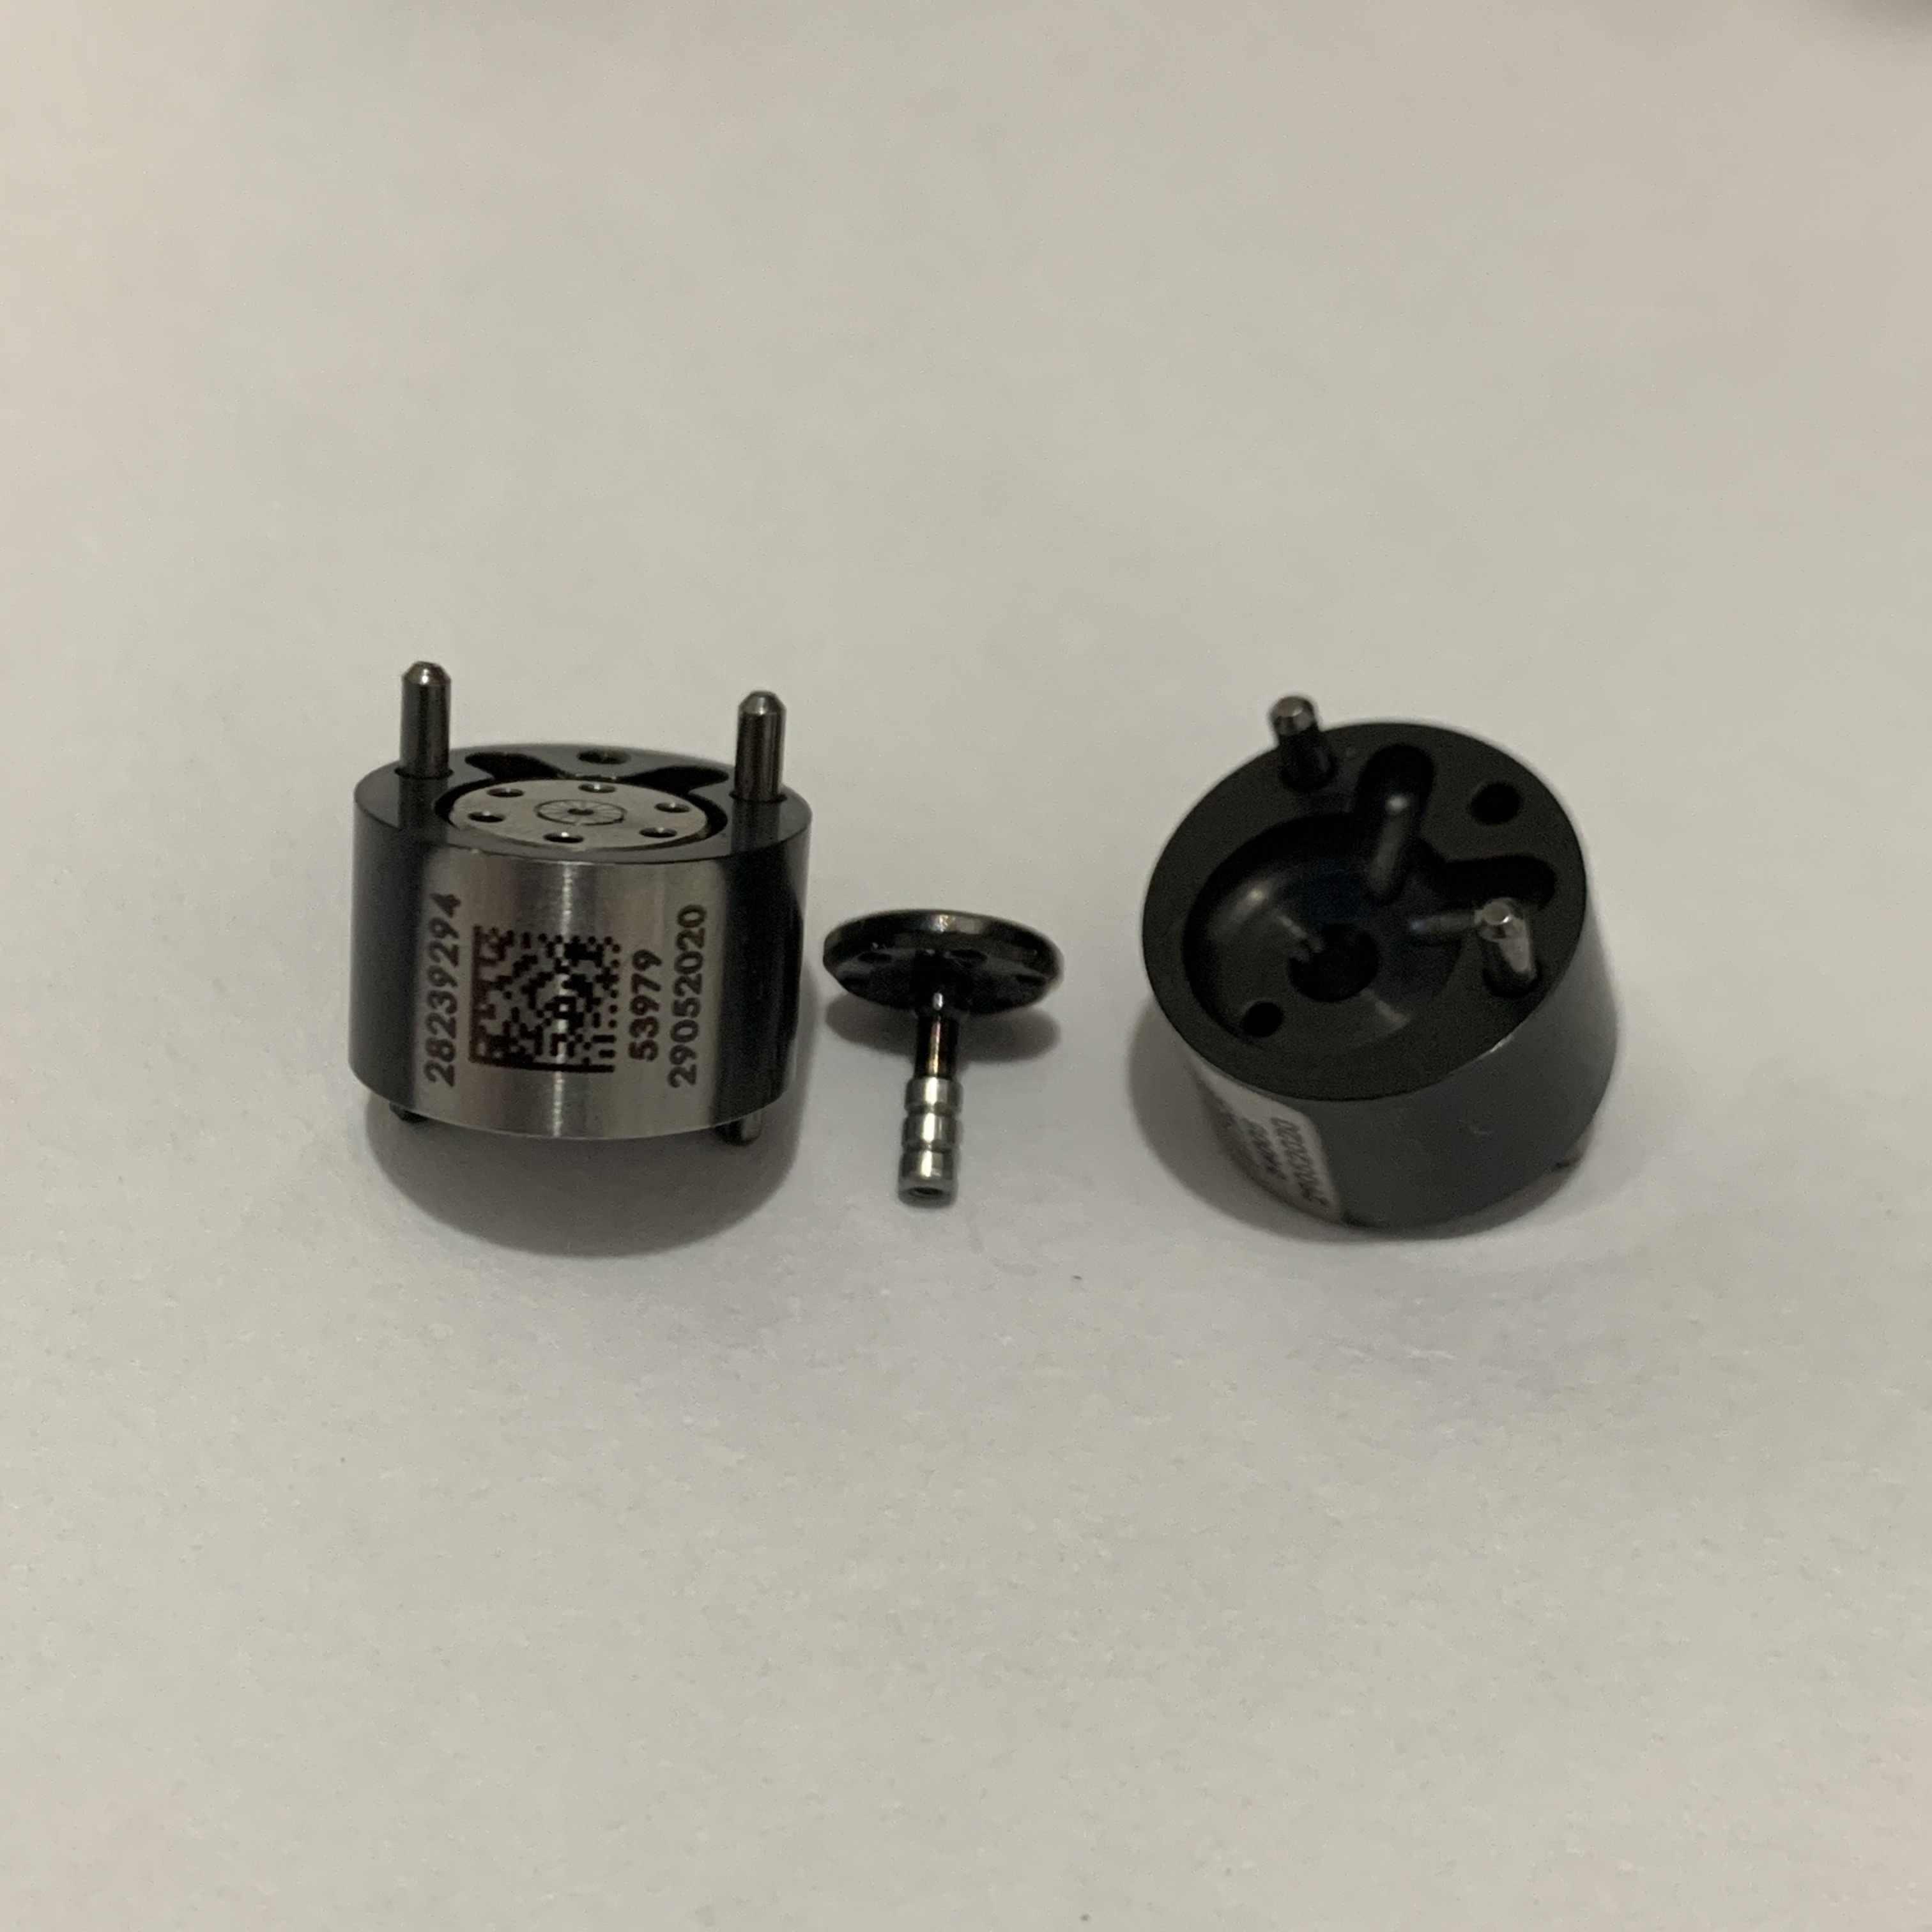 Beste Kwaliteit Diesel Injector Common Rail Nozzle Regelkleppen 9308-621C 9308Z621C 28239294 28440421 Voor Ssangyong Renault